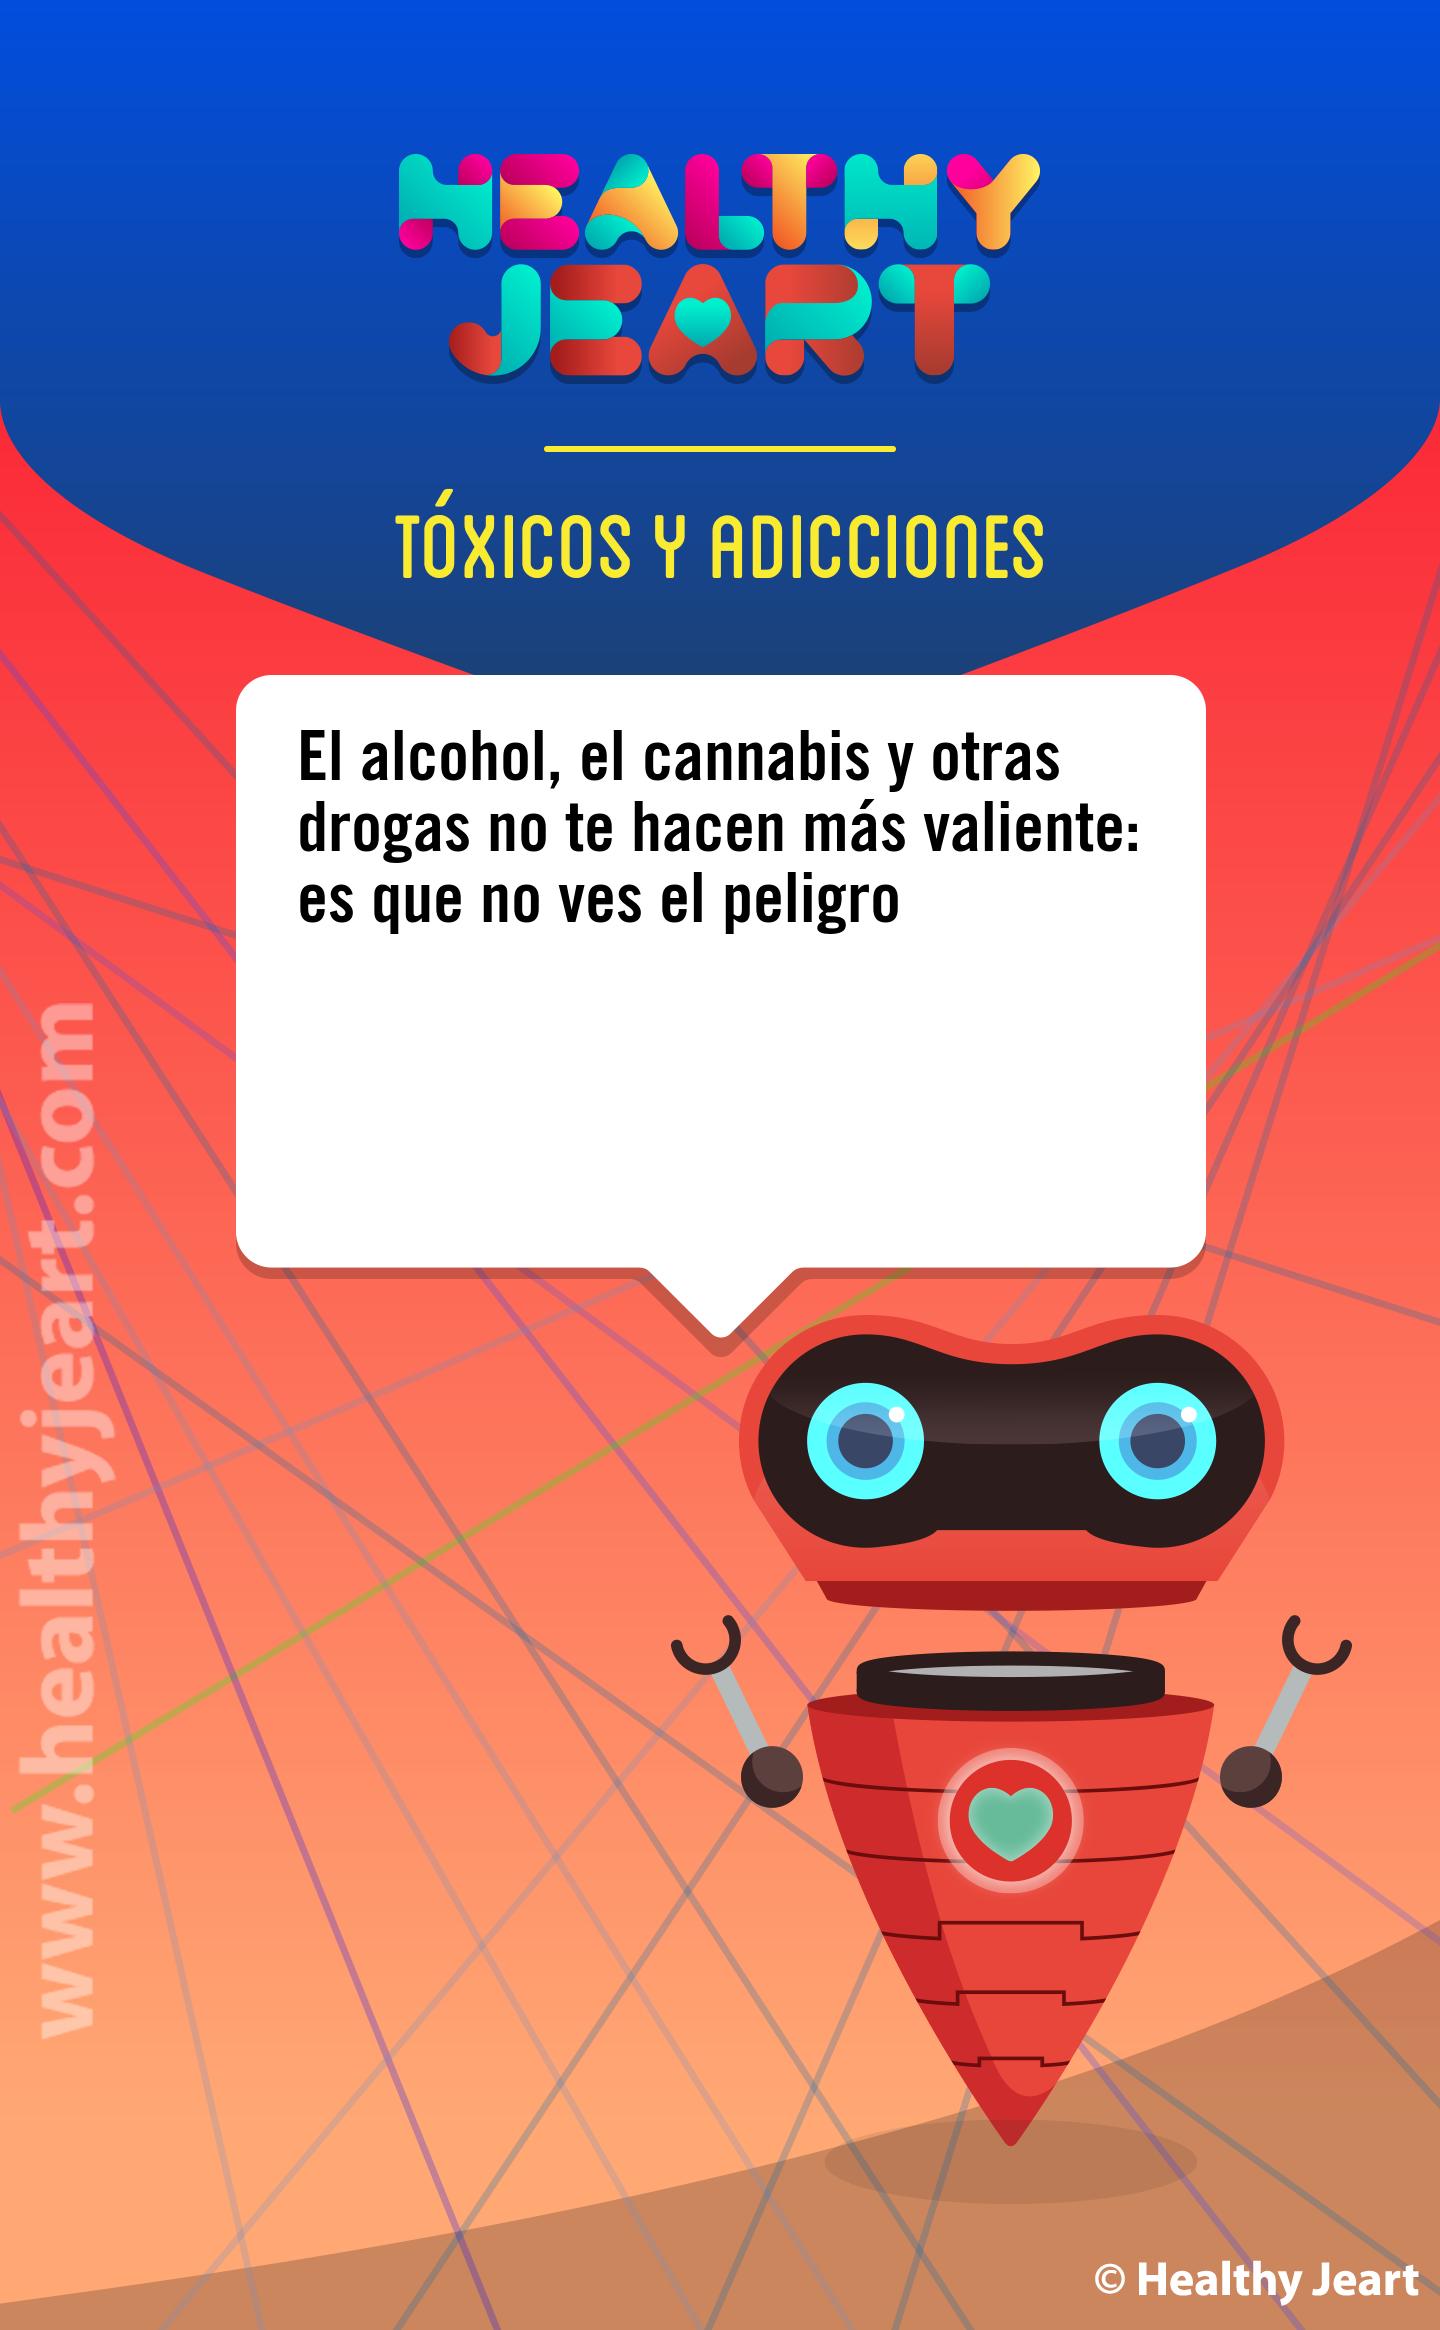 El alcohol, el cannabis y otras drogas no te hacen más valiente: es que no ves el peligro